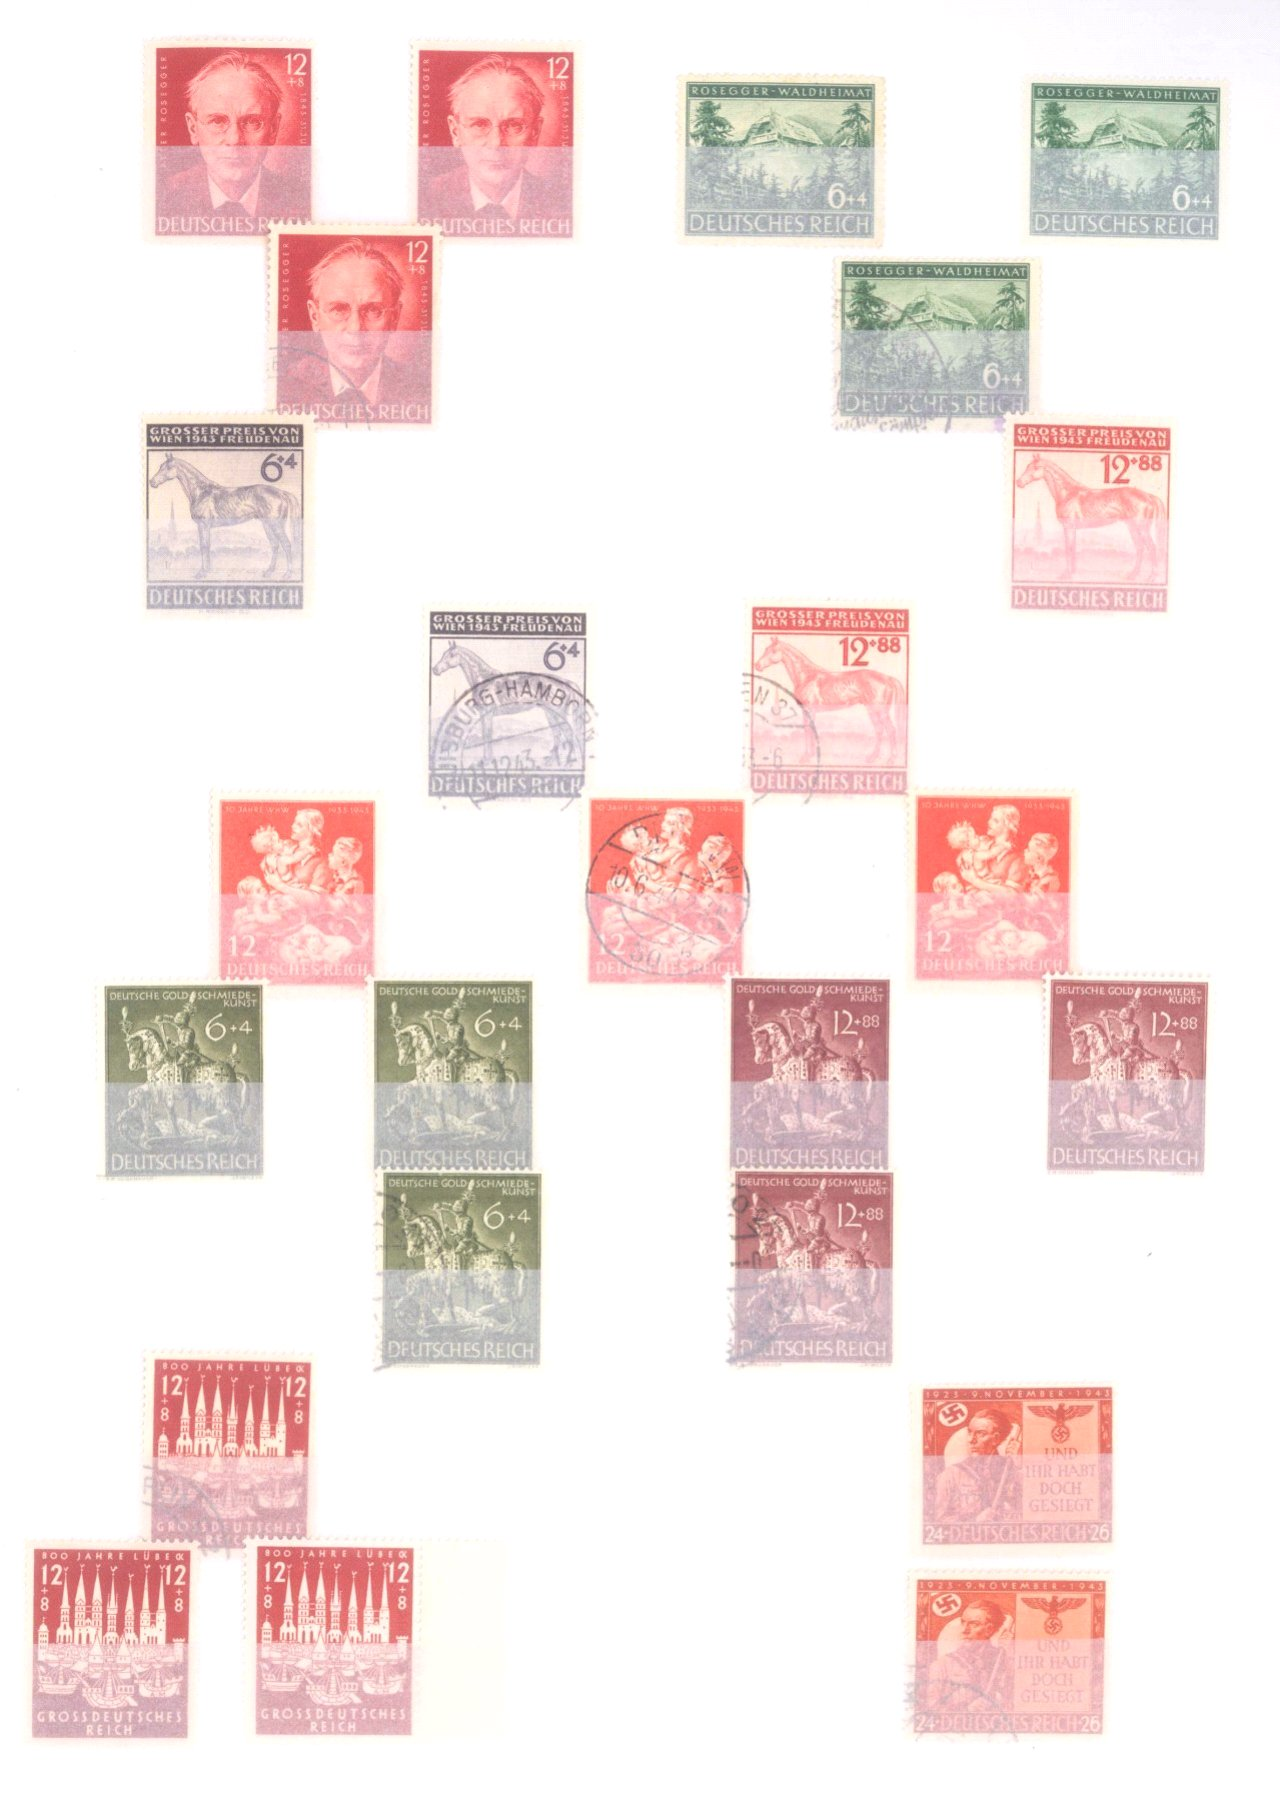 Sammlung Deutsches Reich in 2 Alben, 1933-1945-25